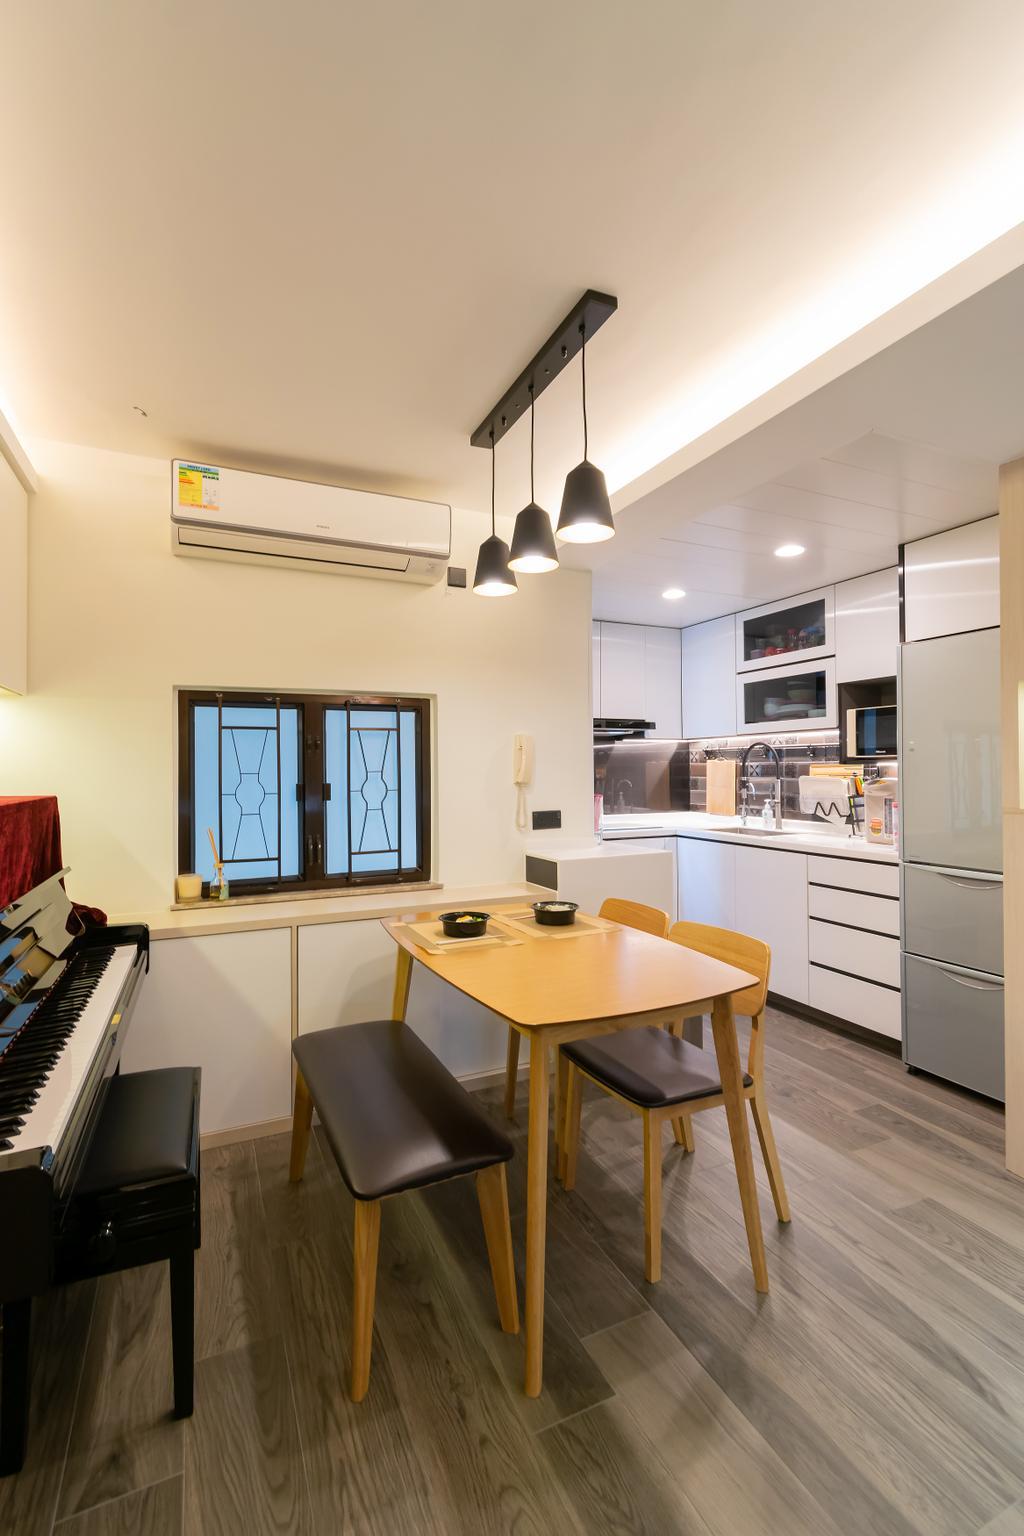 摩登, 公屋/居屋, 飯廳, 杏花邨, 室內設計師, 現時設計